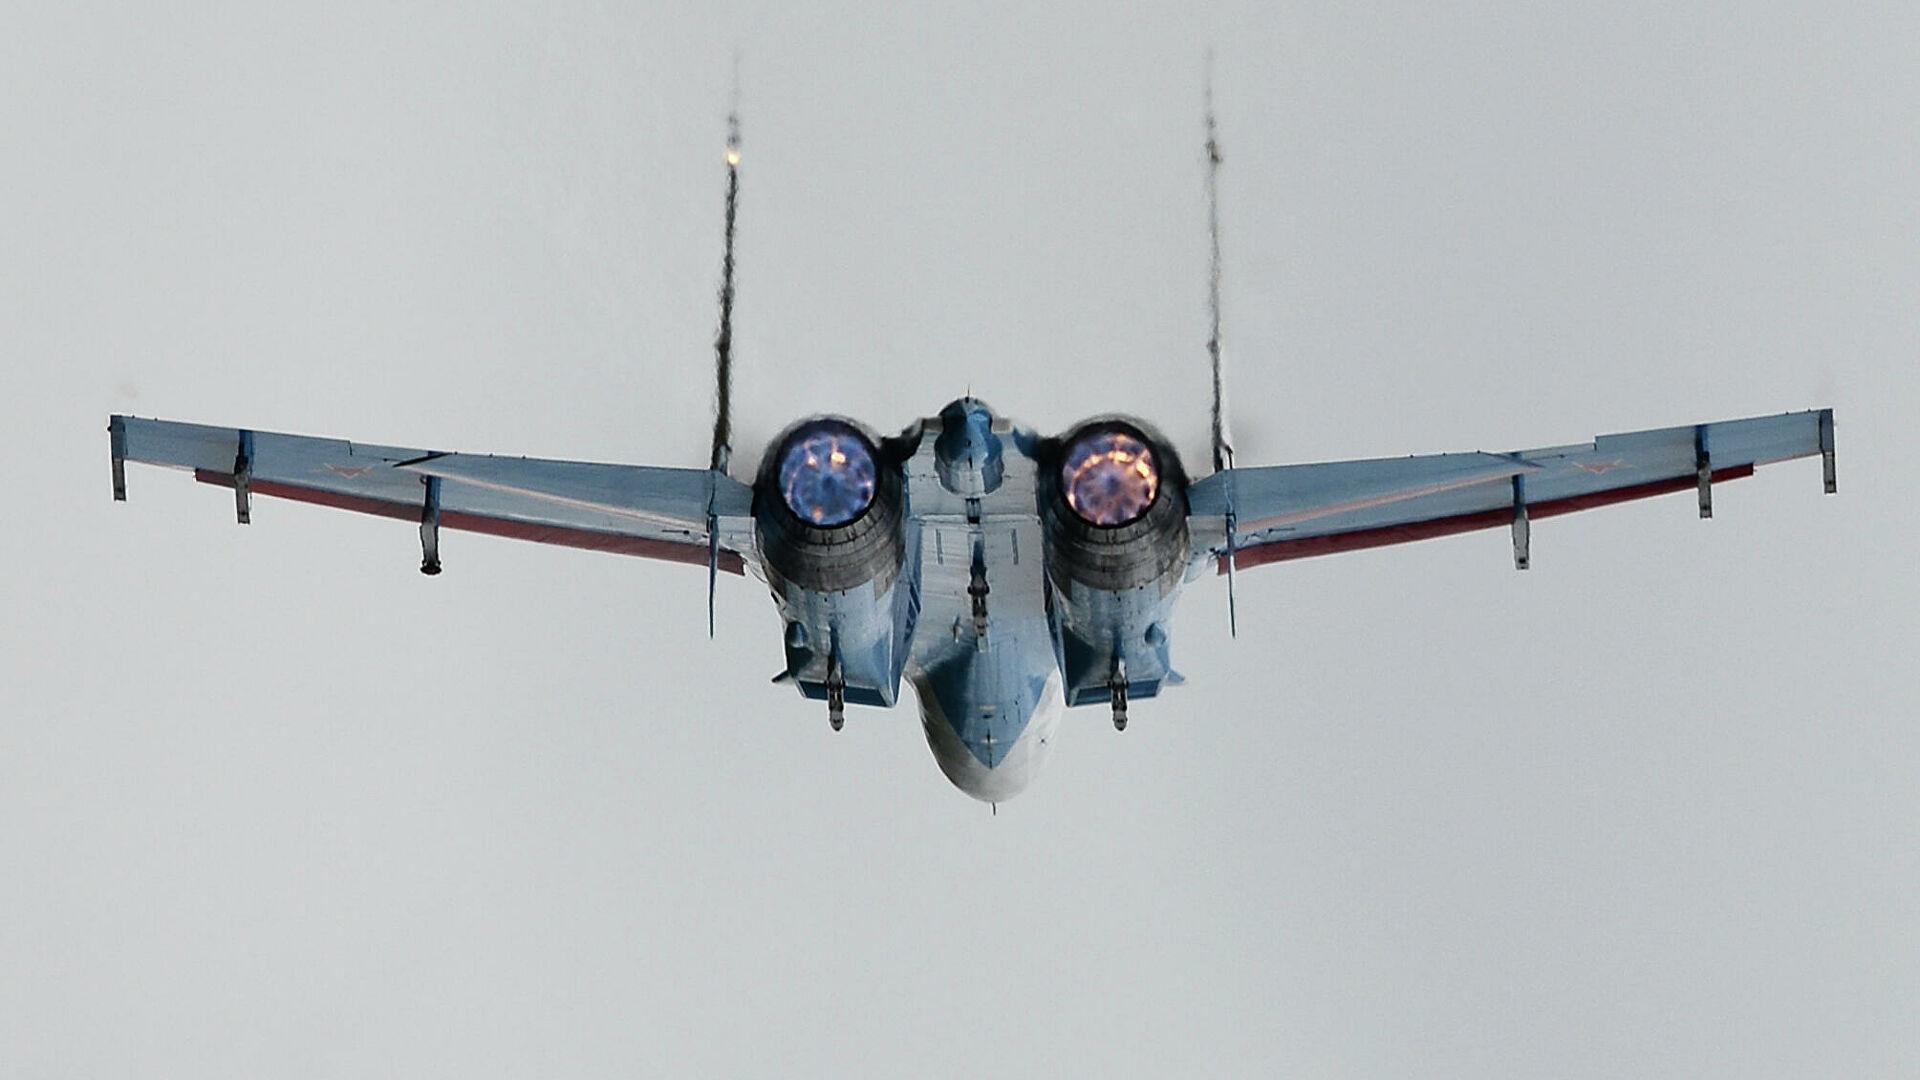 Ruski lovci presreli francuske avione iznad Crnog mora